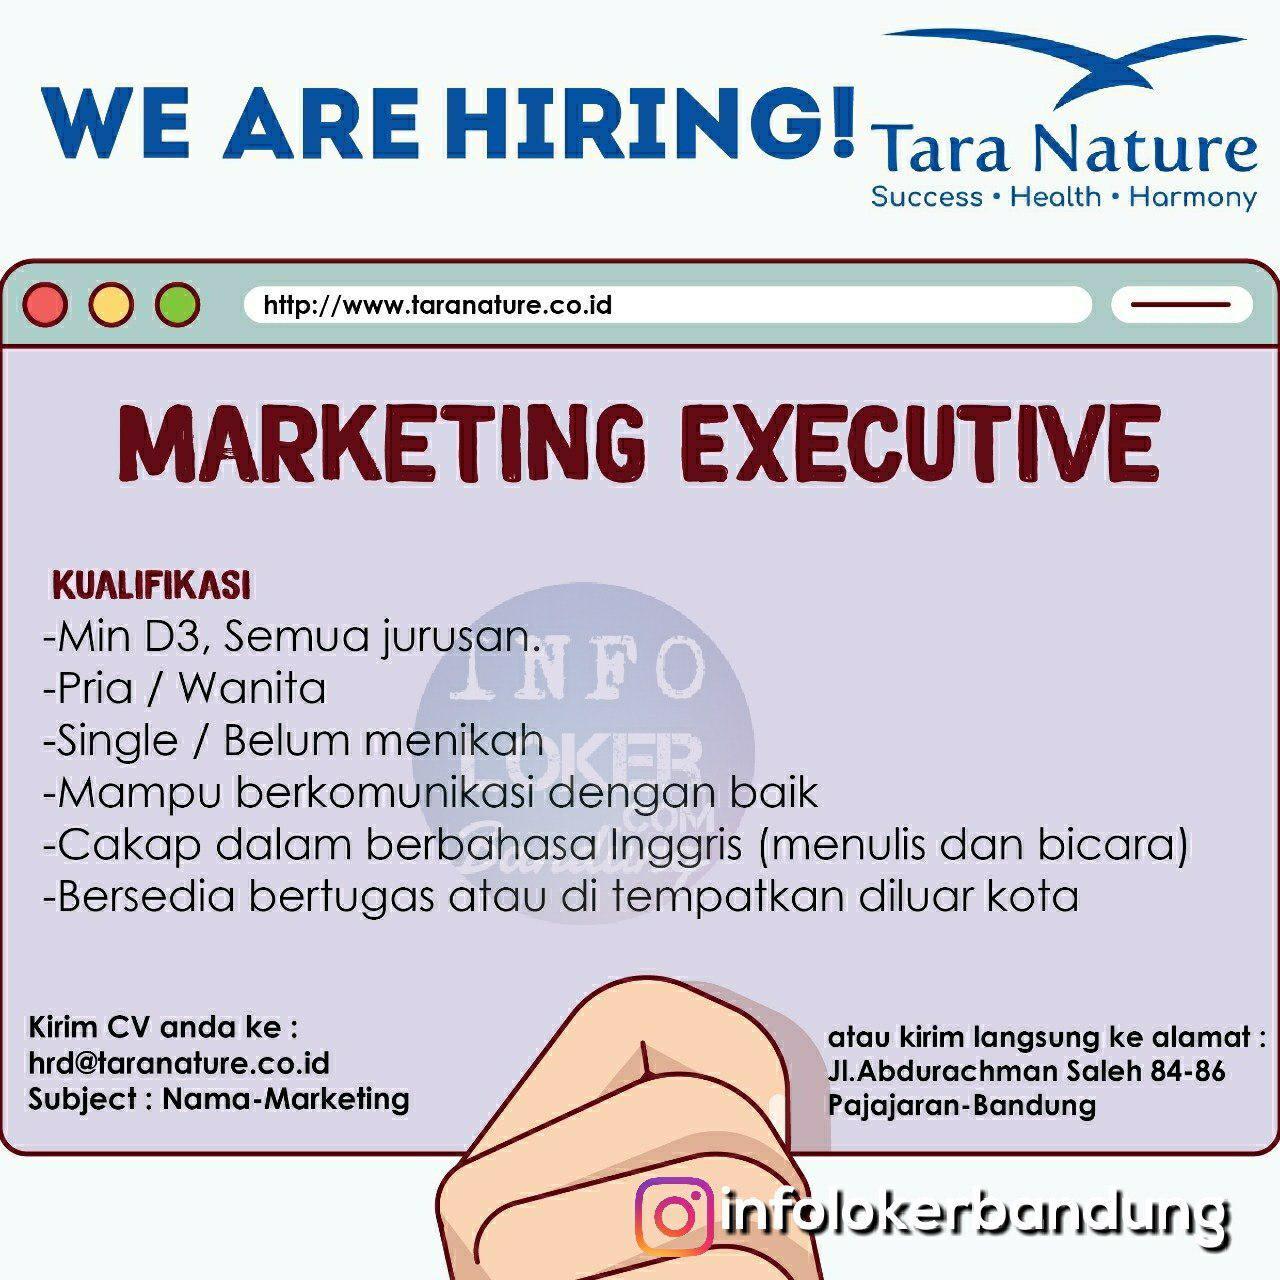 Lowongan Kerja Tara Nature Bandung Juli 2018 - infolokerbandung.com